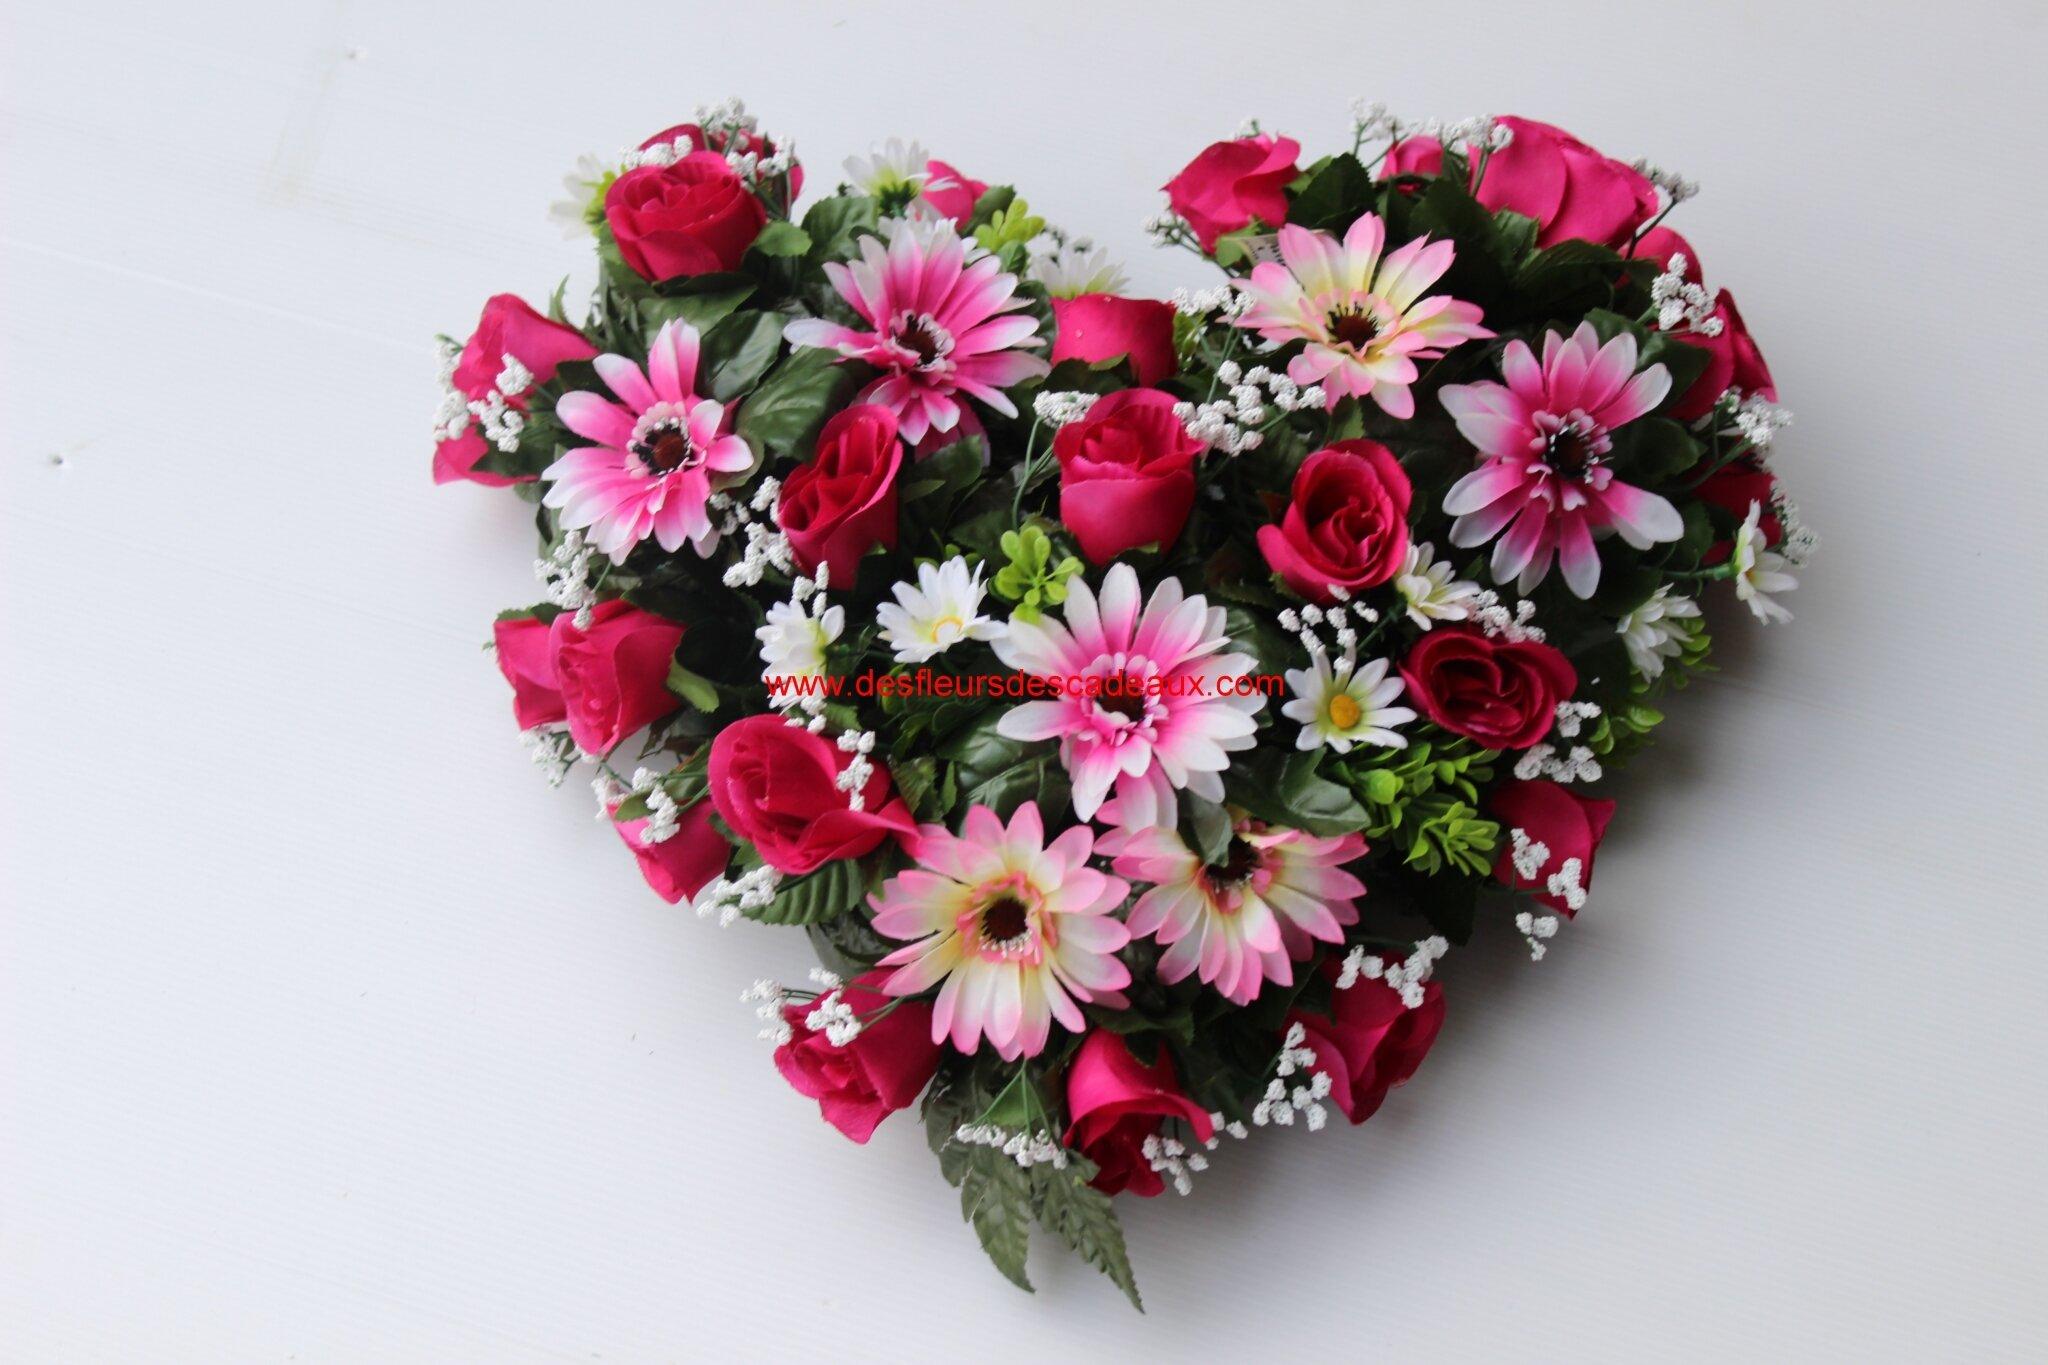 bouquet en forme de coeur : tous les messages sur bouquet en forme